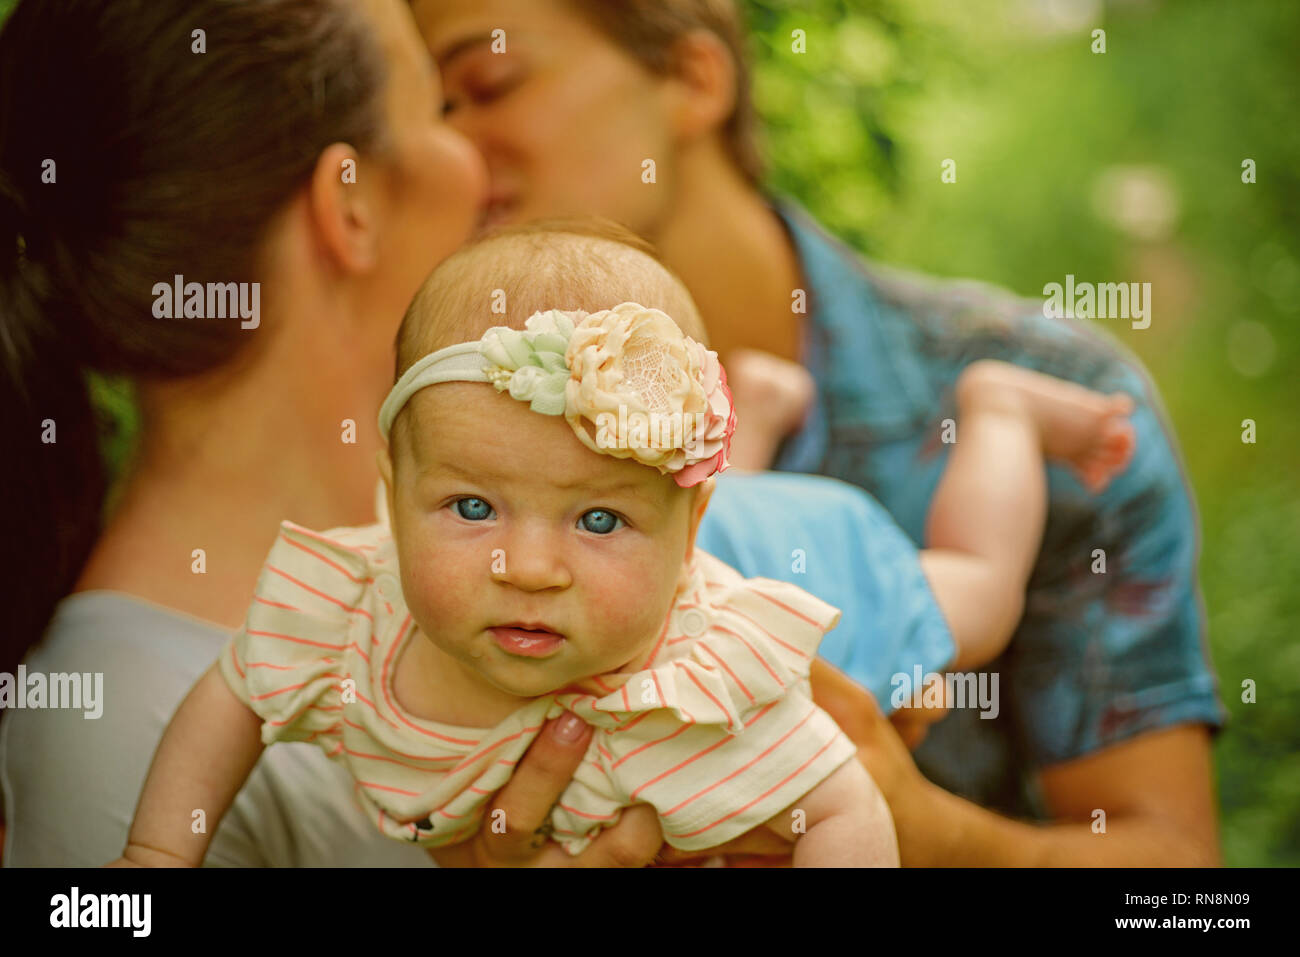 Mutual understanding between parents in family. Family love of newborn. Parents love their newborn child. Developing mutual understanding - Stock Image